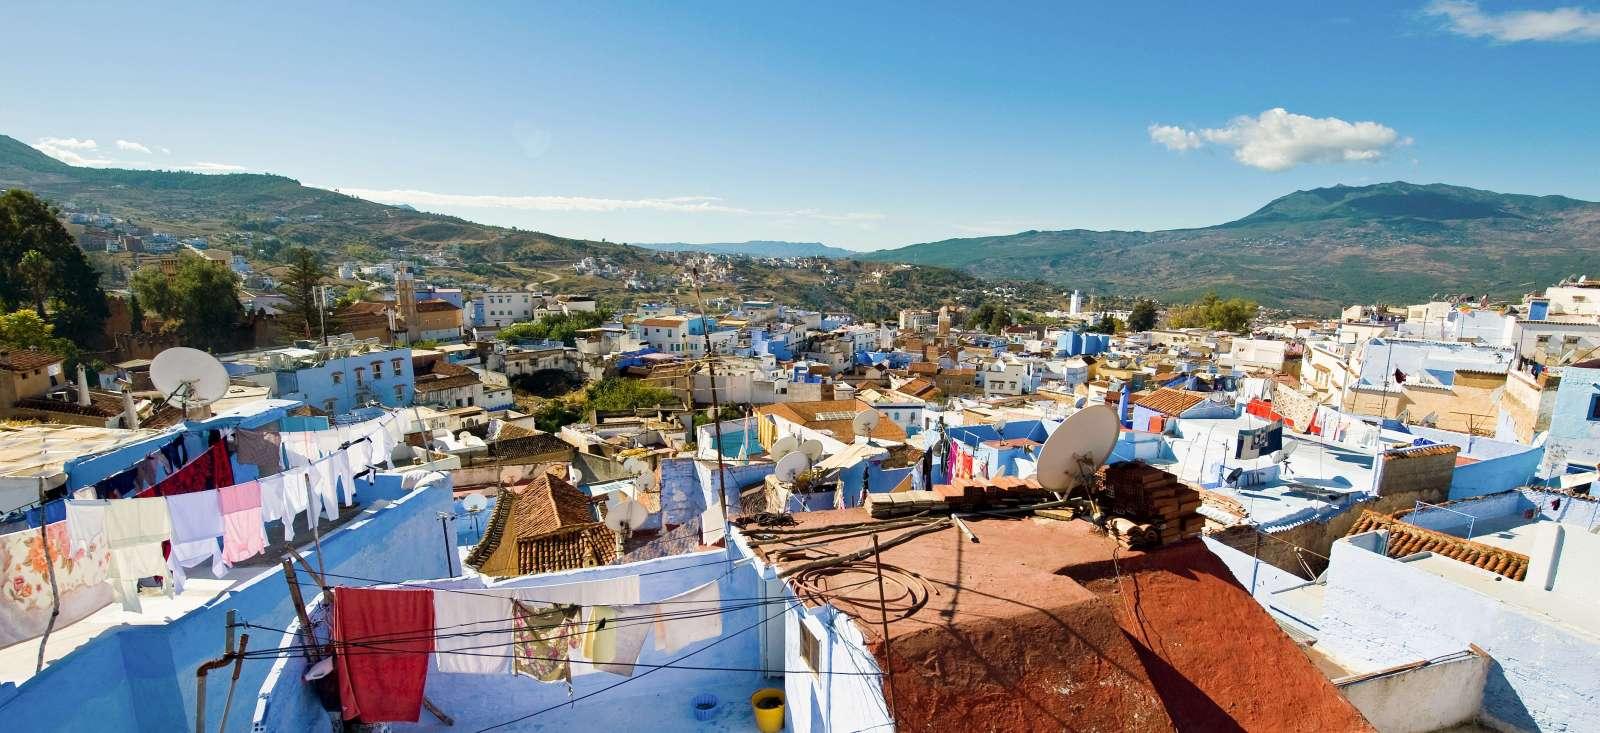 Voyage à pied : Villes impériales et région andalouse